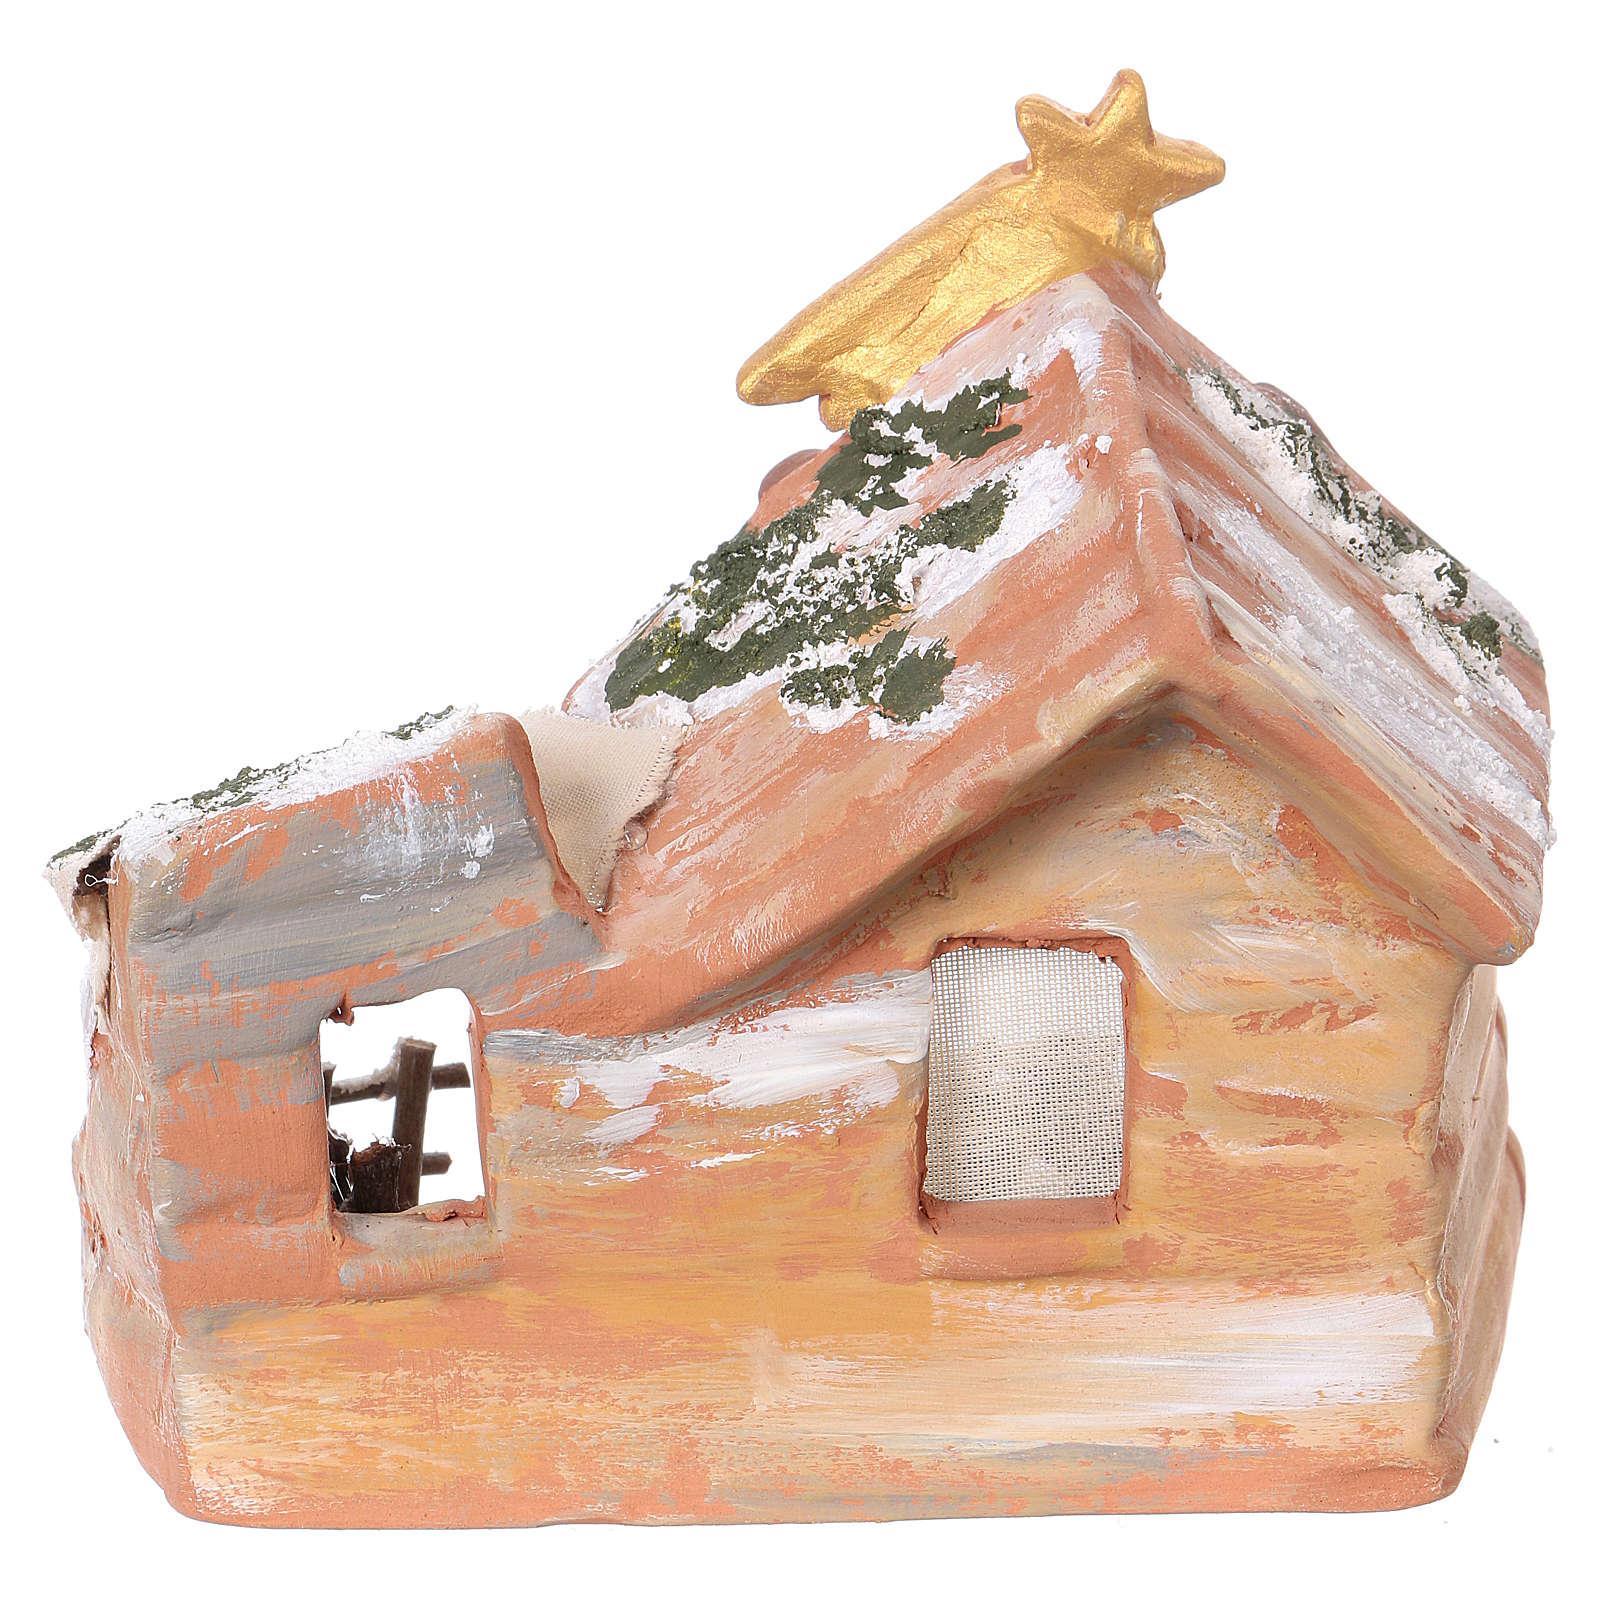 Cabaña 15x15x10 cm con natividad 6 cm de terracota pintada Deruta 4